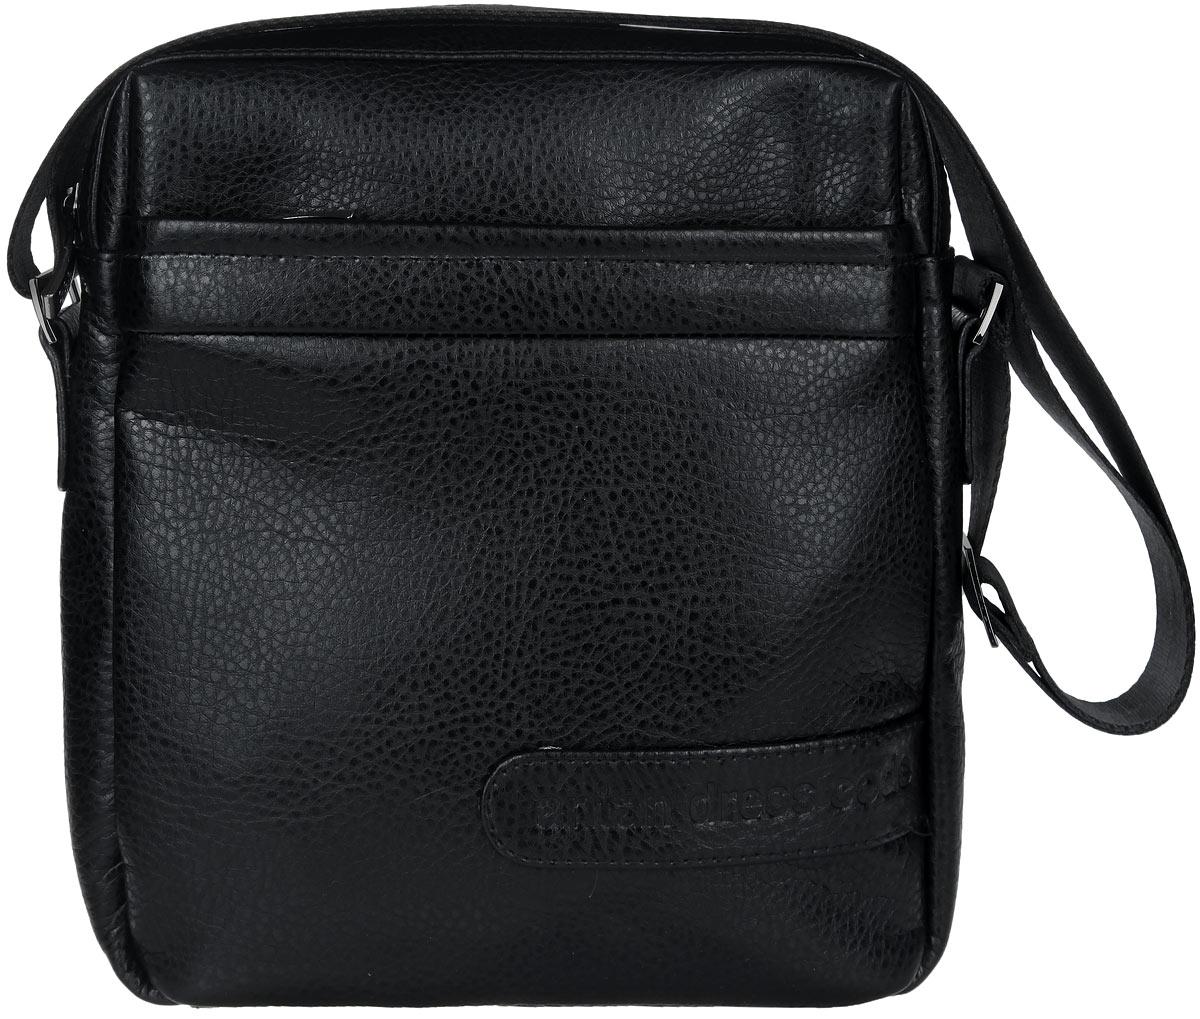 Сумка мужская Antan, цвет: черный. 8-98-9Стильная мужская сумка Antan изготовлена из искусственной кожи. Модель имеет одно основное отделение, закрывающееся на застежку-молнию. Внутри имеется прорезной карман на застежке-молнии и два накладных открытых кармана. Снаружи, на передней и задней стенках расположены накладные карманы на застежках-молниях. Изделие оснащено текстильным плечевым ремнем, который регулируется по длине. Сумка Antan поможет вам подчеркнуть чувство стиля и завершить выбранный образ.